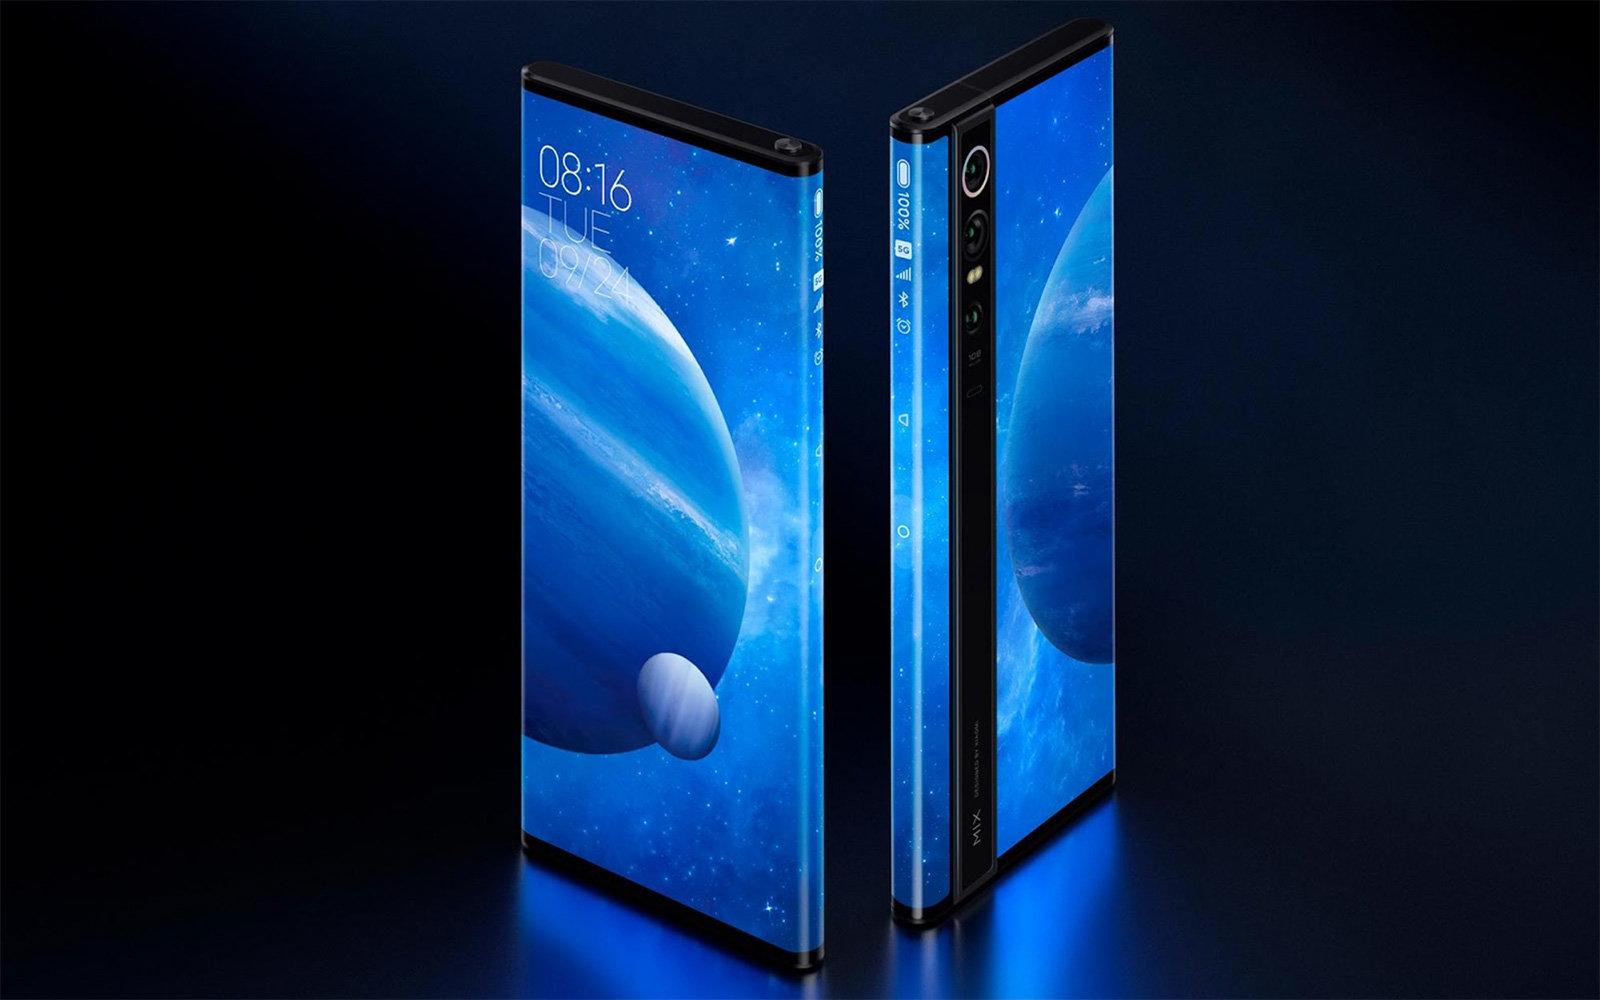 Το νέο κινητό με οθόνη και στην μπροστινή, αλλά και στην πίσω επιφάνεια